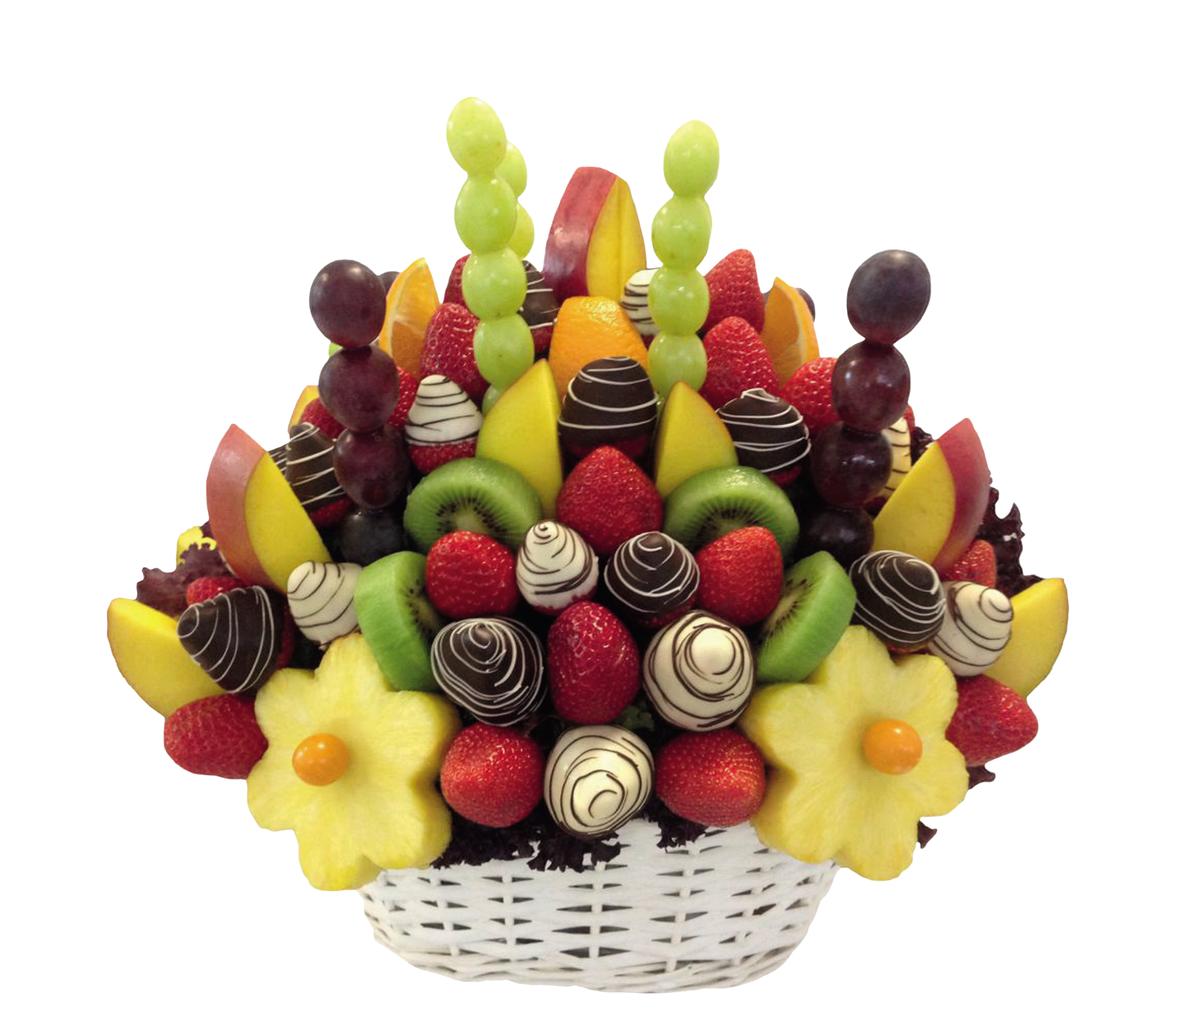 Картинки букетов из фруктов, фото надписью картинки